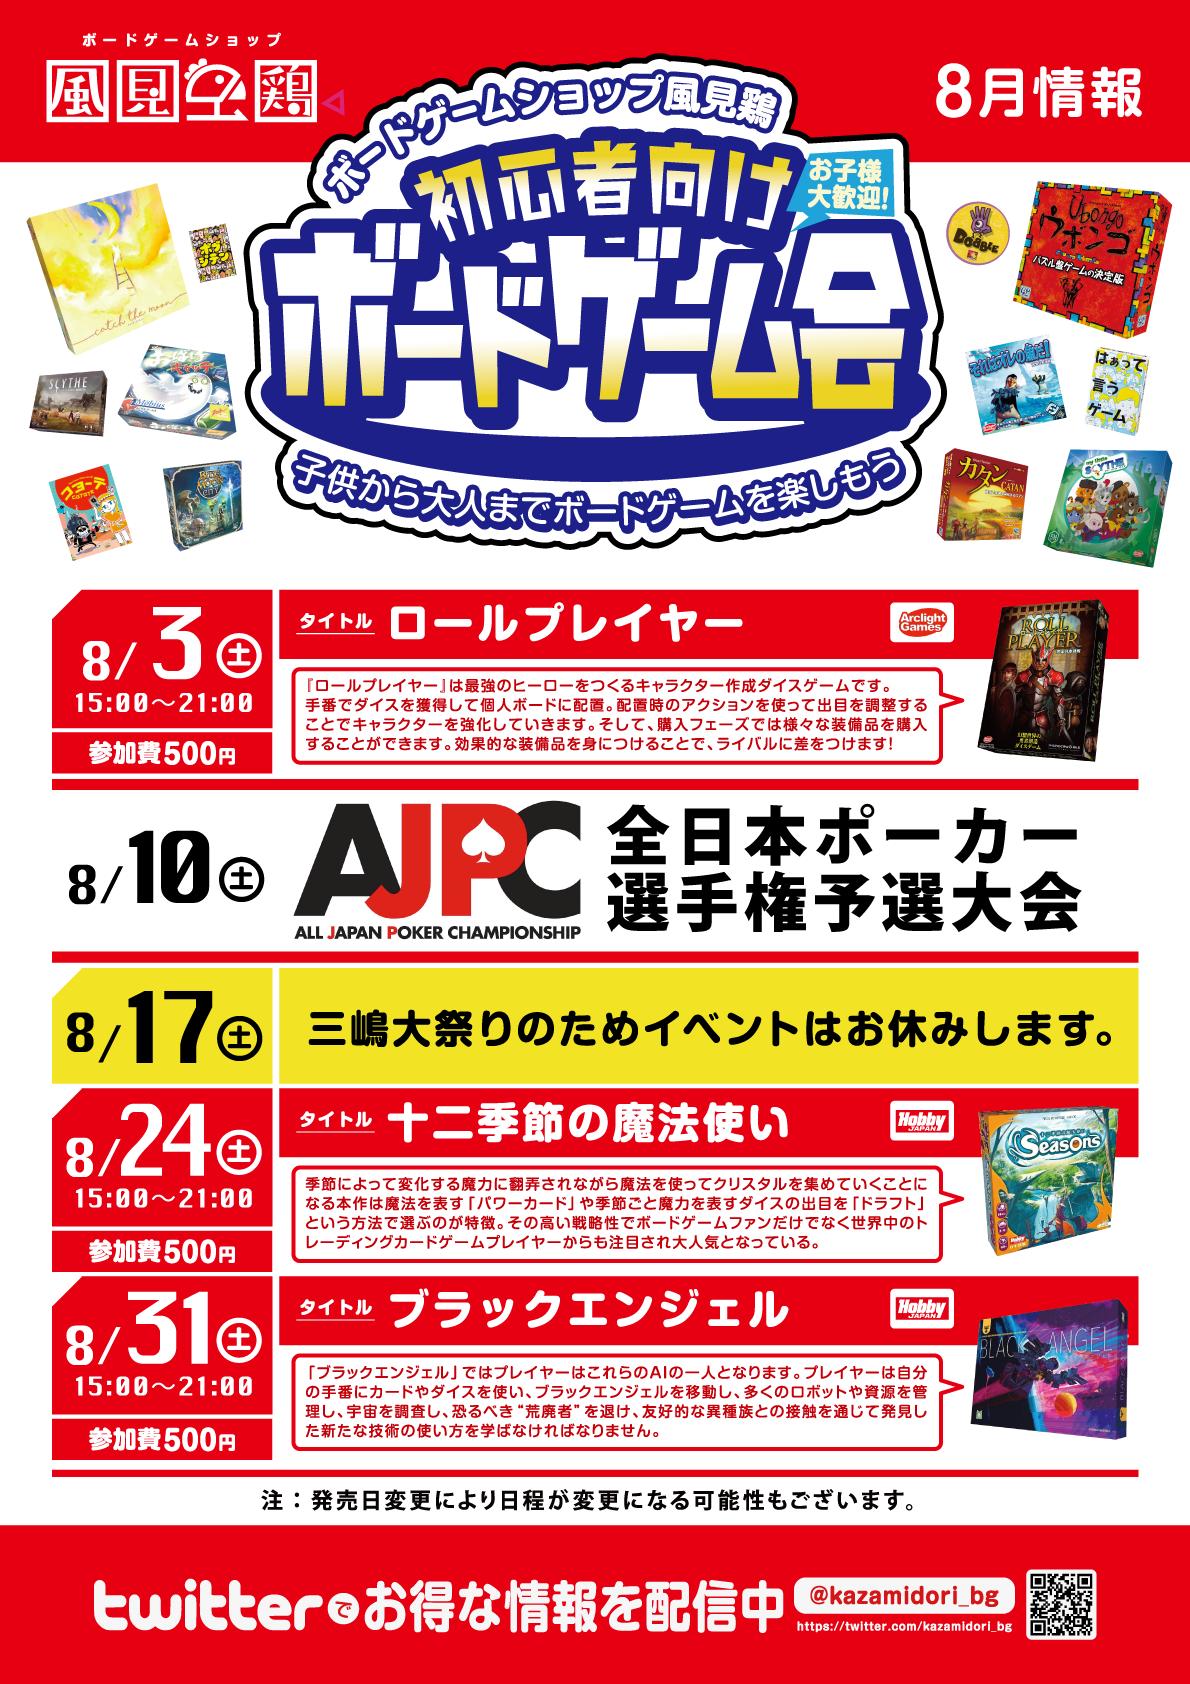 8月イベント ボードゲームショップ&スペース 風見鶏 in三島